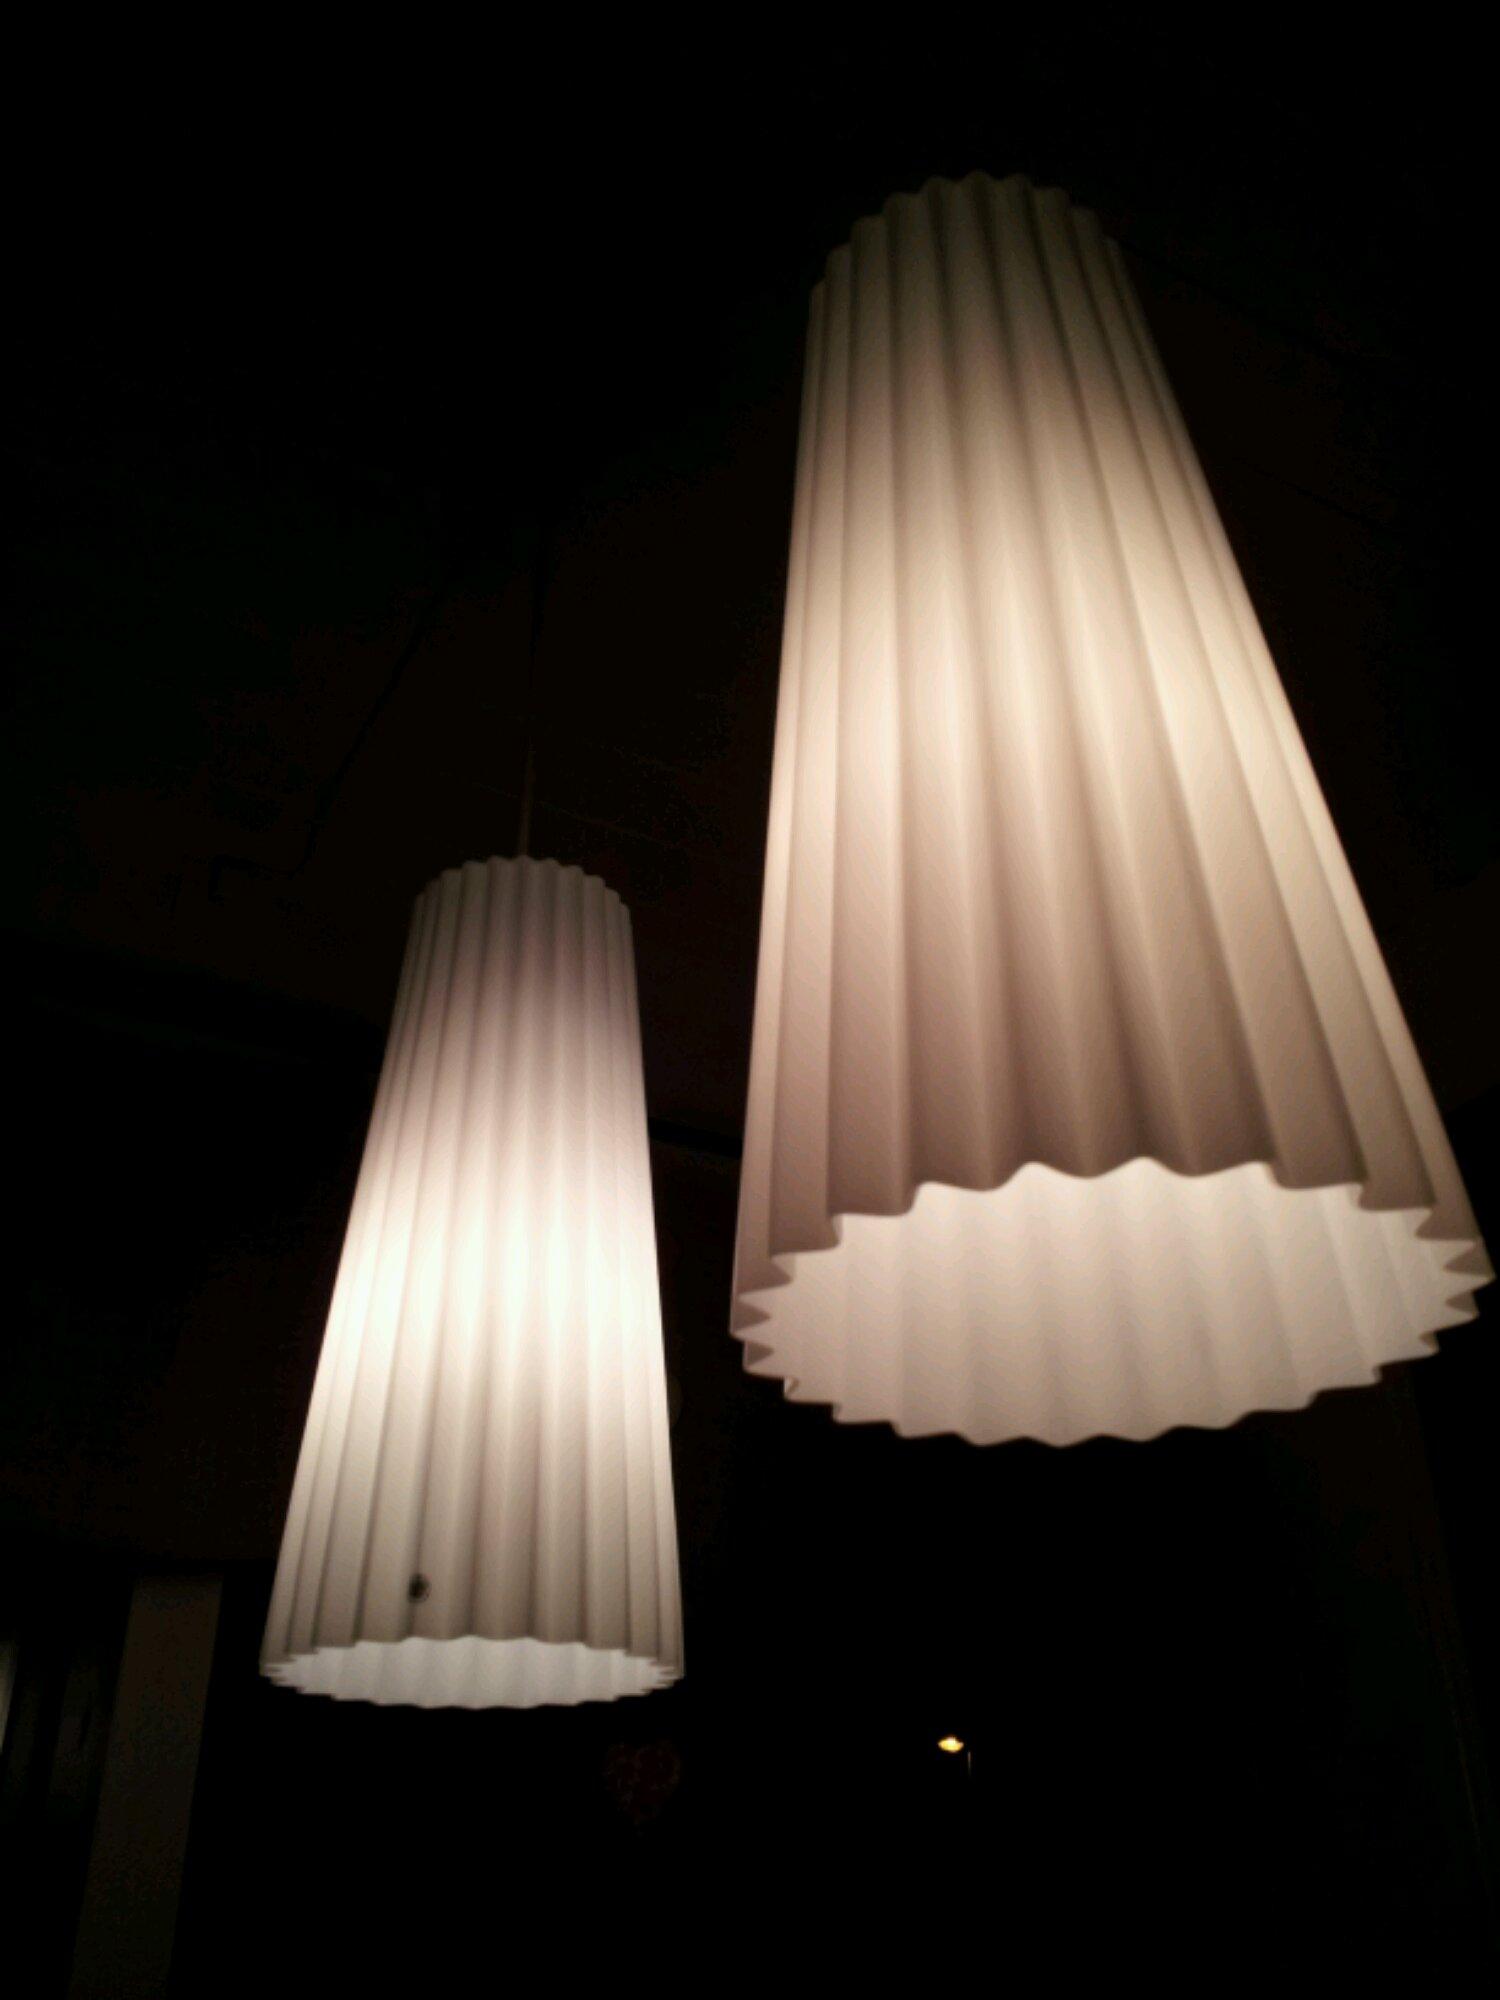 Belysning Kokso : Montering av belysning over kokso  Elteknik Fredrik Johansson AB